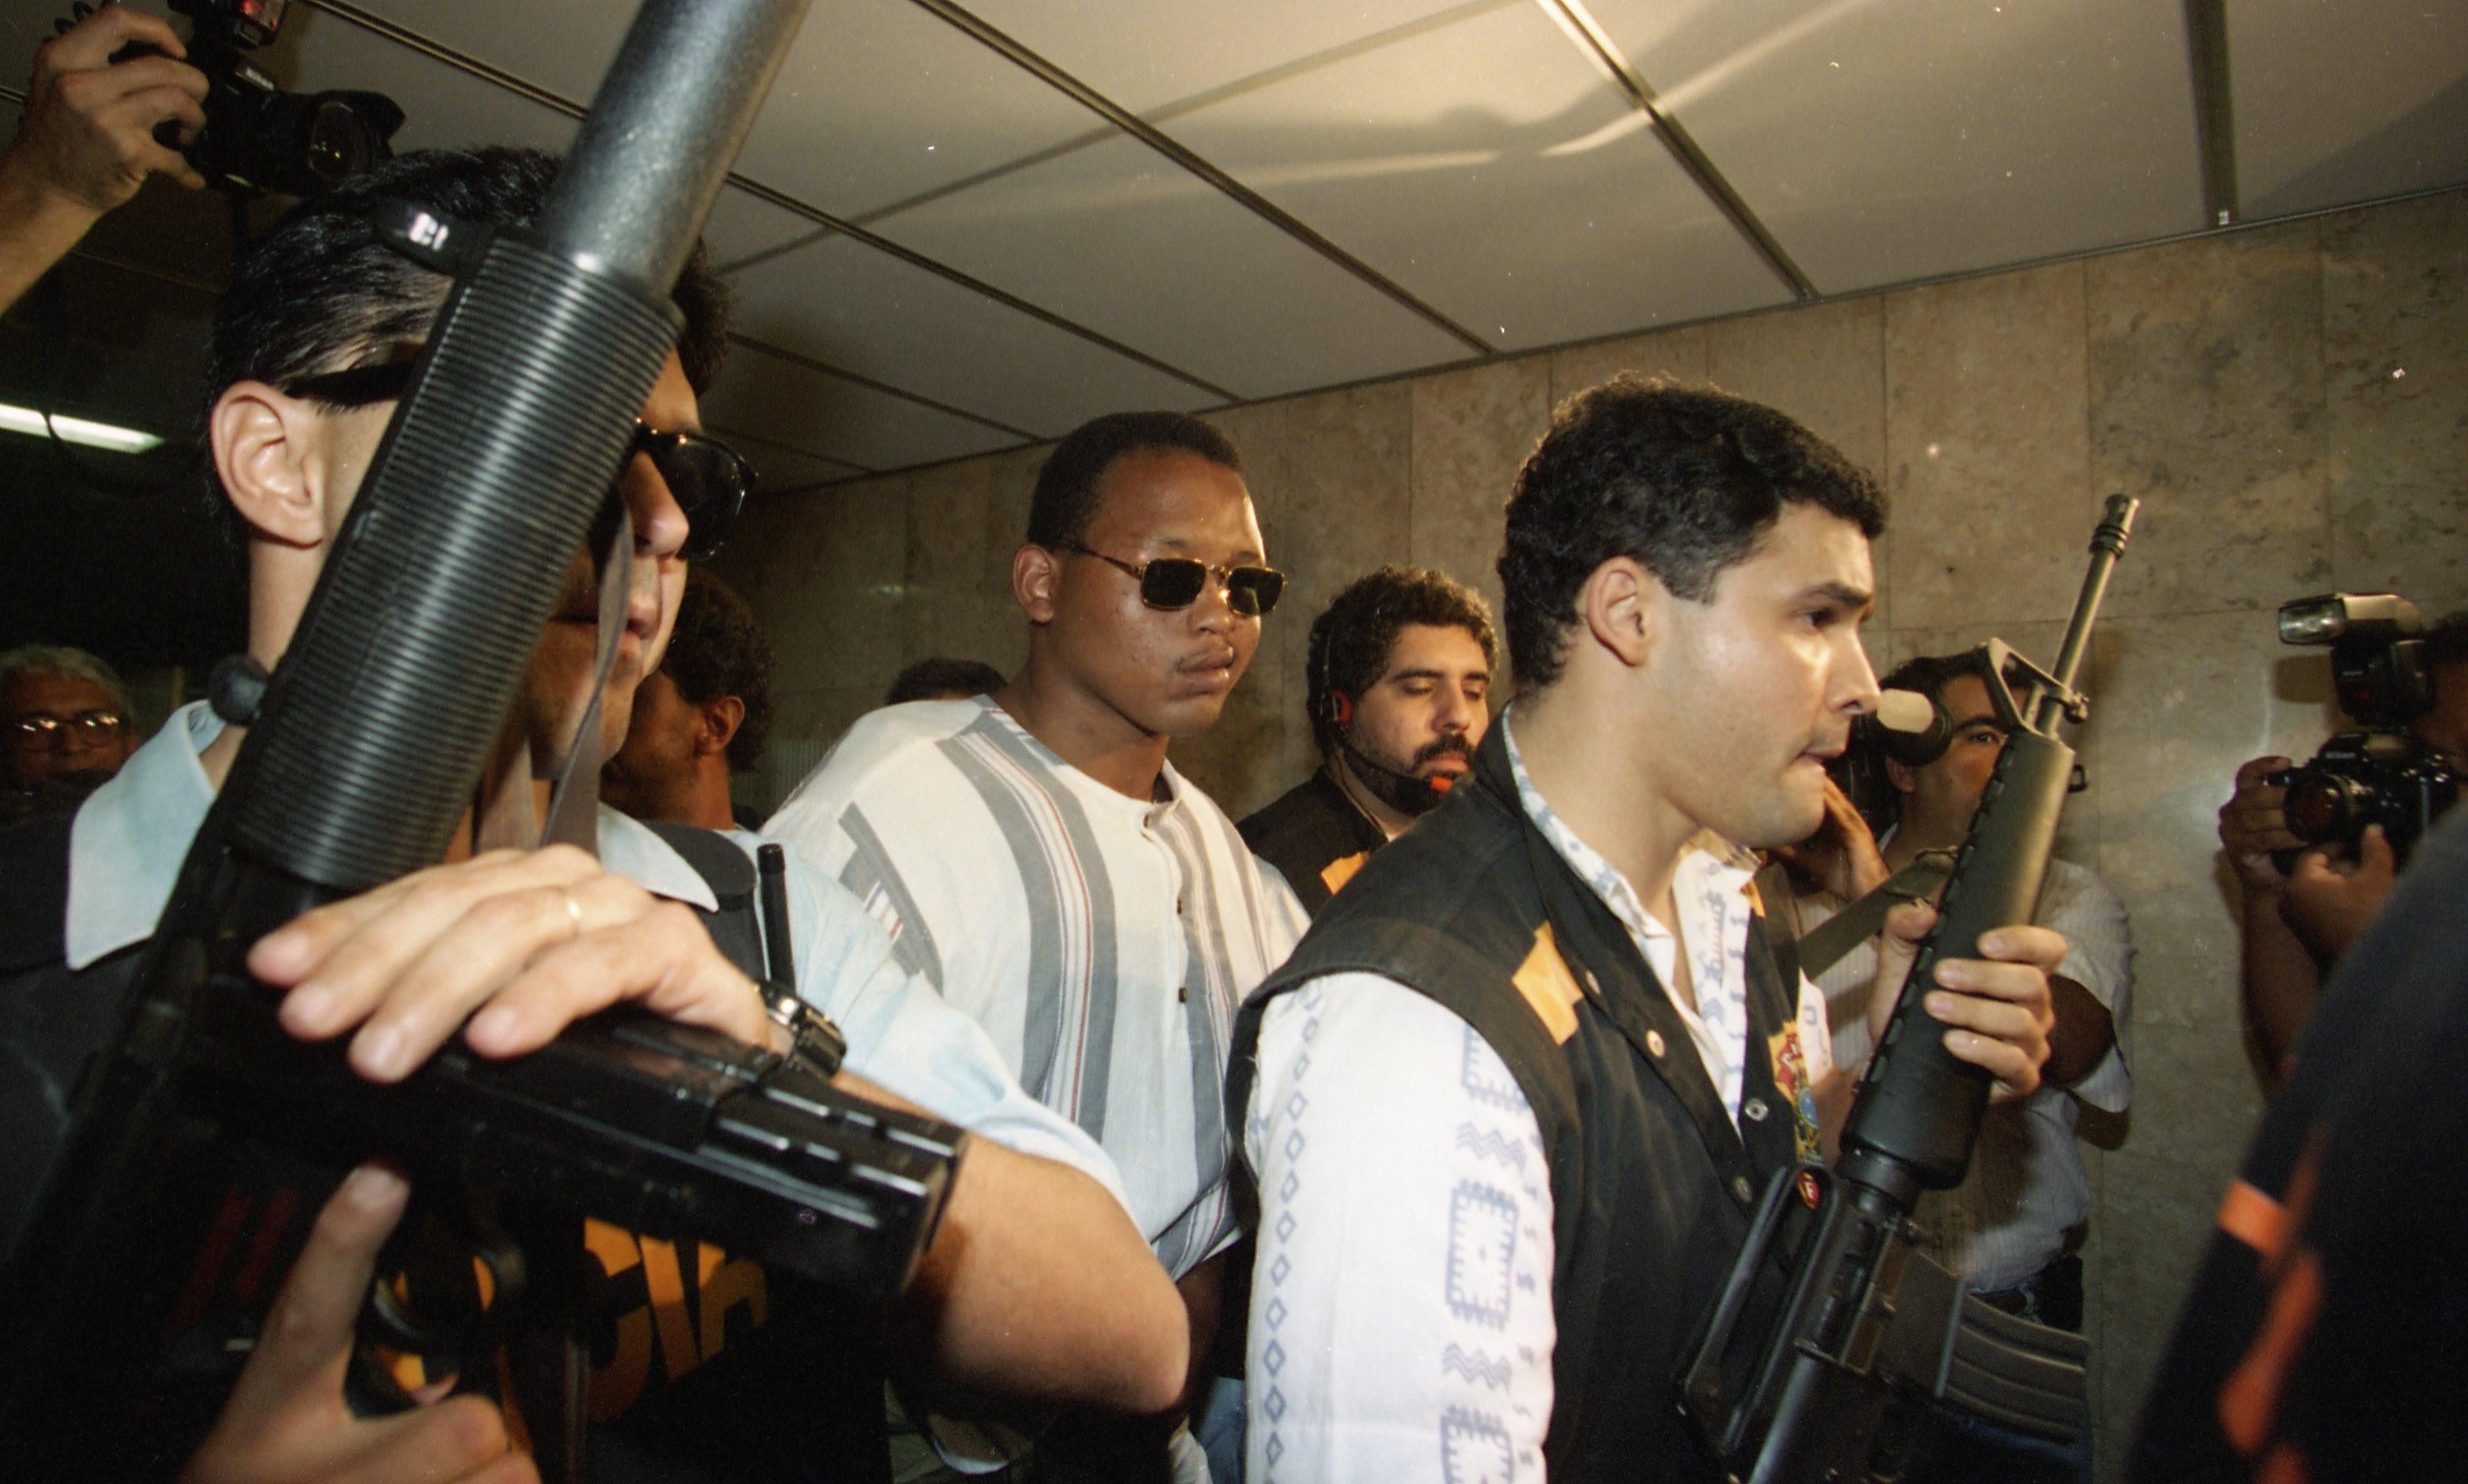 O sobrevivente Wagner indo identificar os assassinos da Candelária, em outubro de 1995